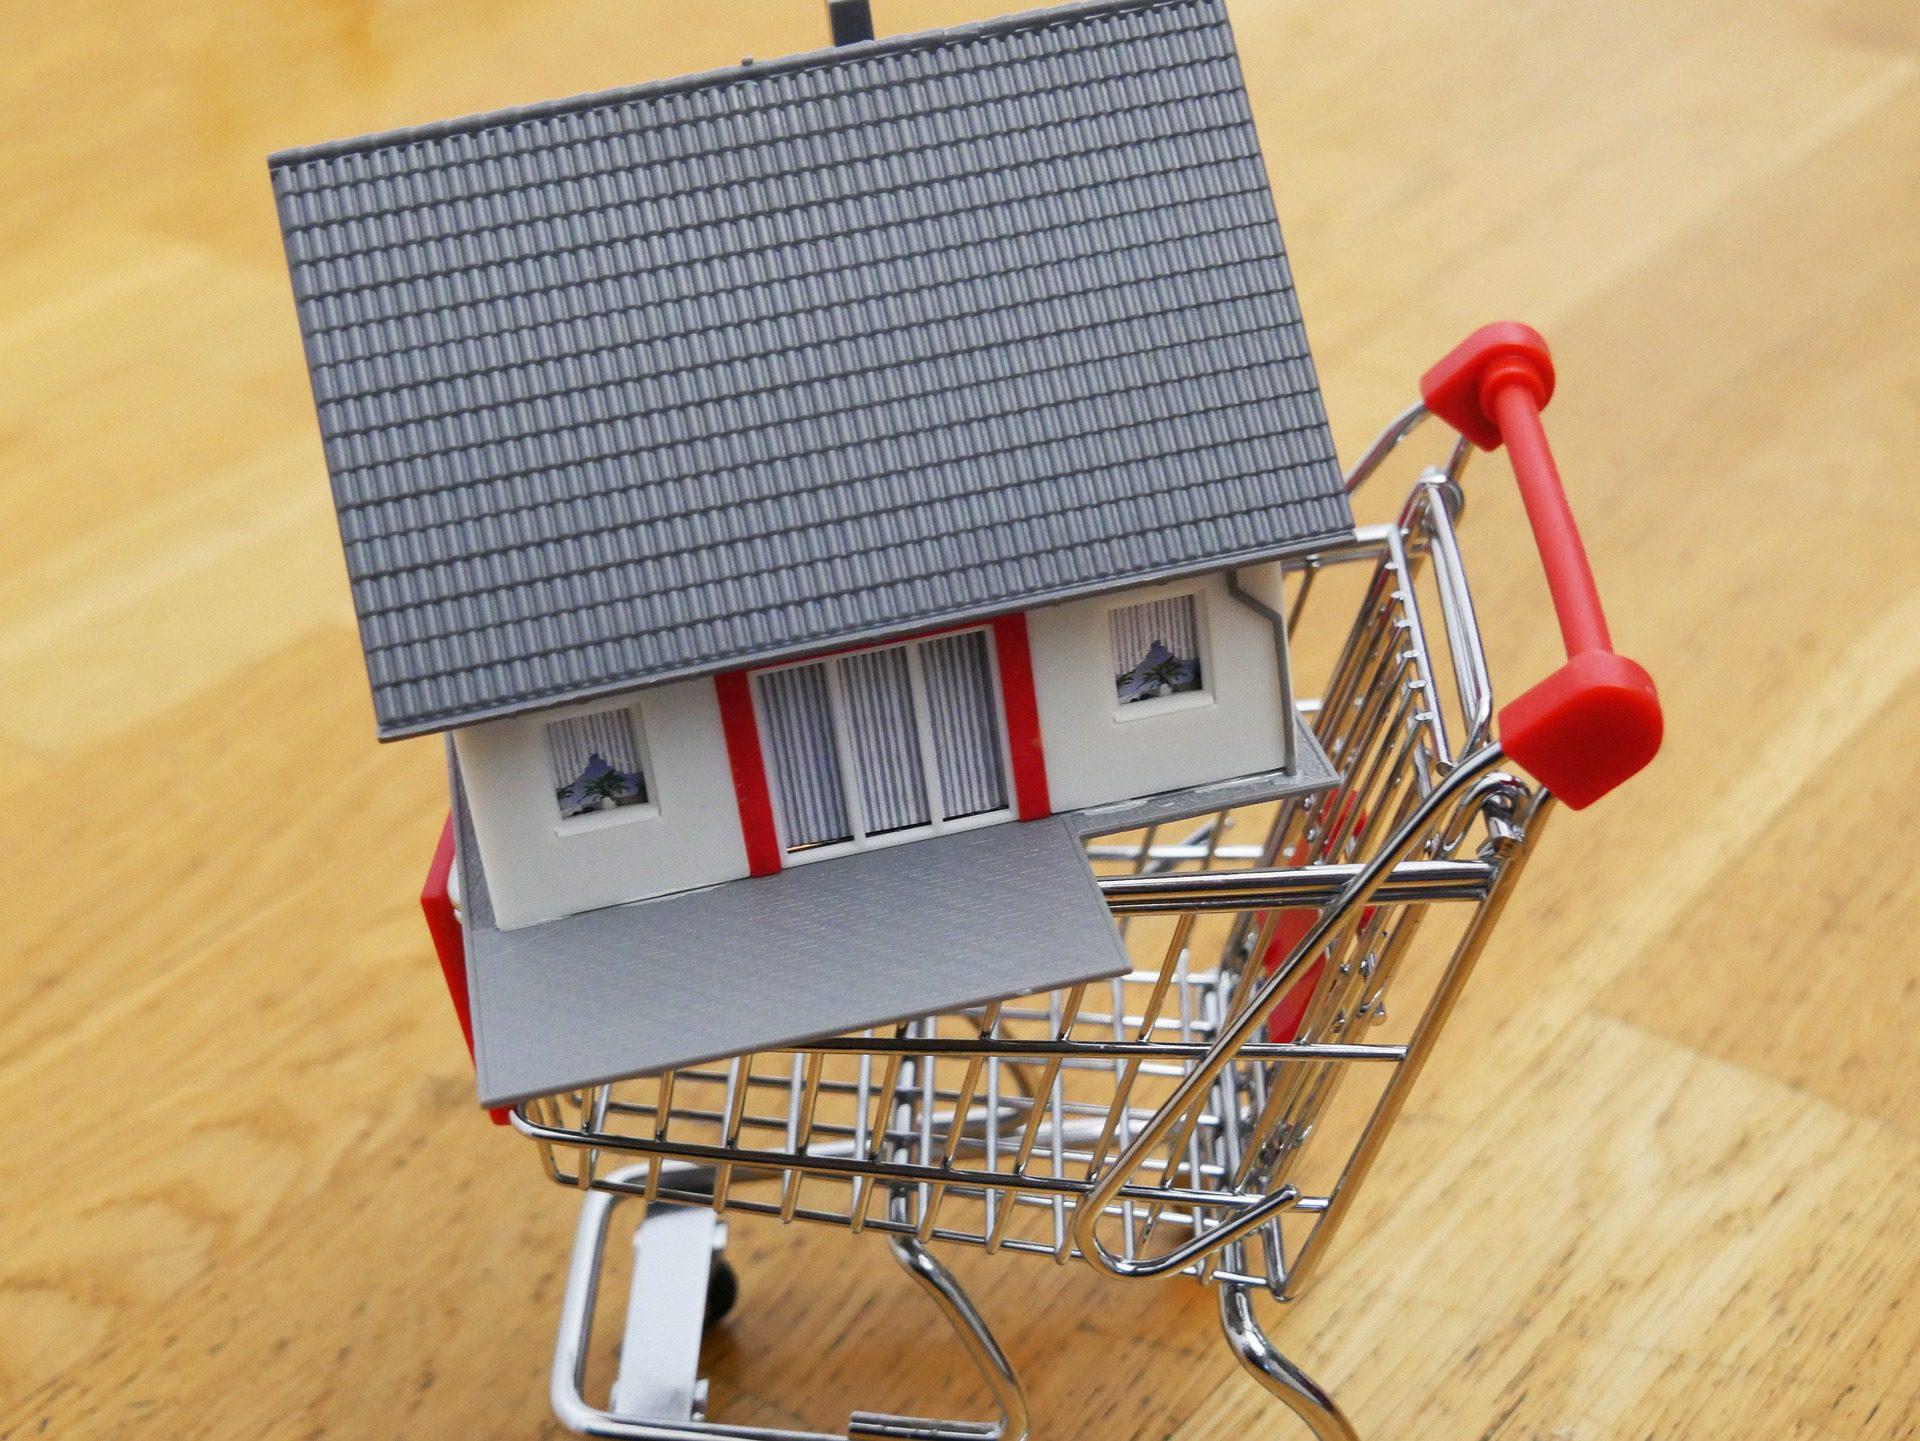 Comprar ou alugar imóvel? (Foto: Pixabay)